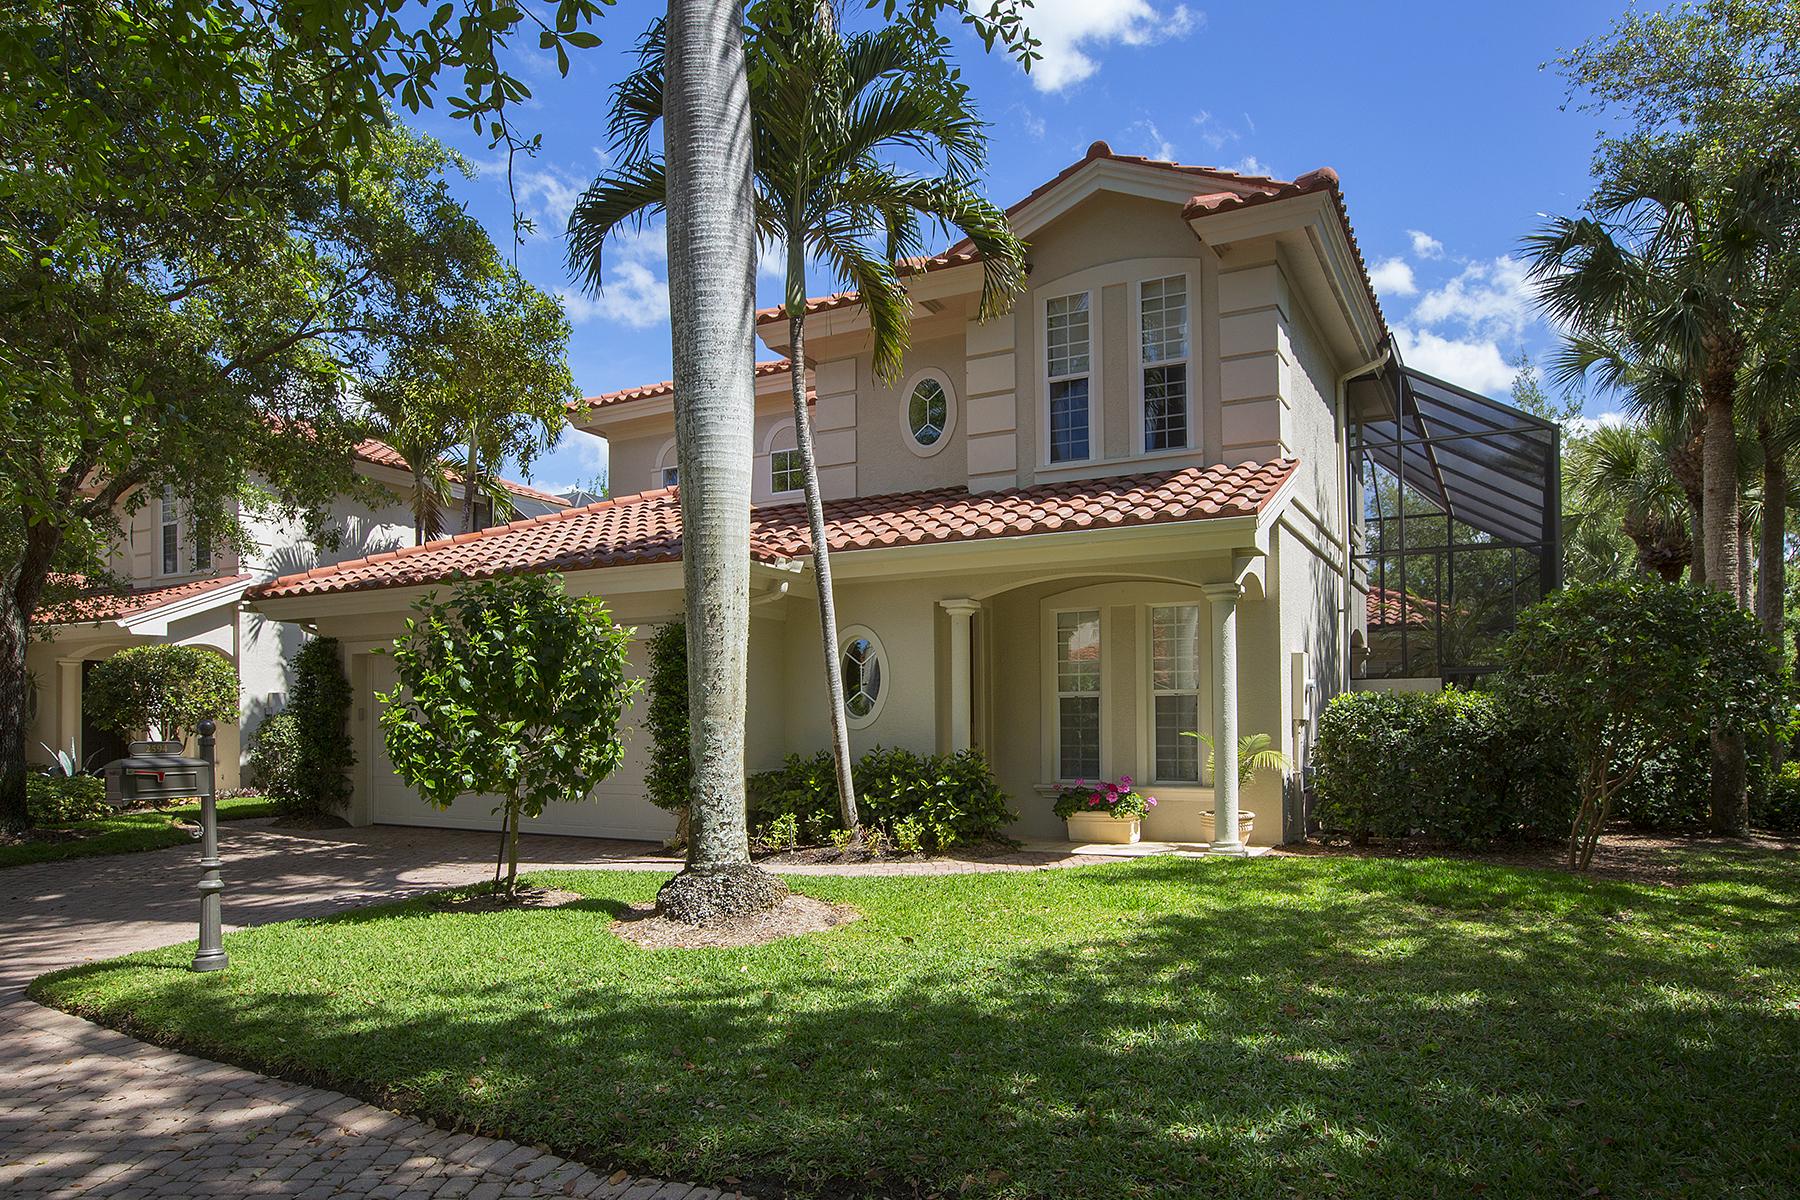 独户住宅 为 销售 在 2594 Lermitage Ln , Naples, FL 34105 2594 Lermitage Ln 那不勒斯, 佛罗里达州, 34105 美国